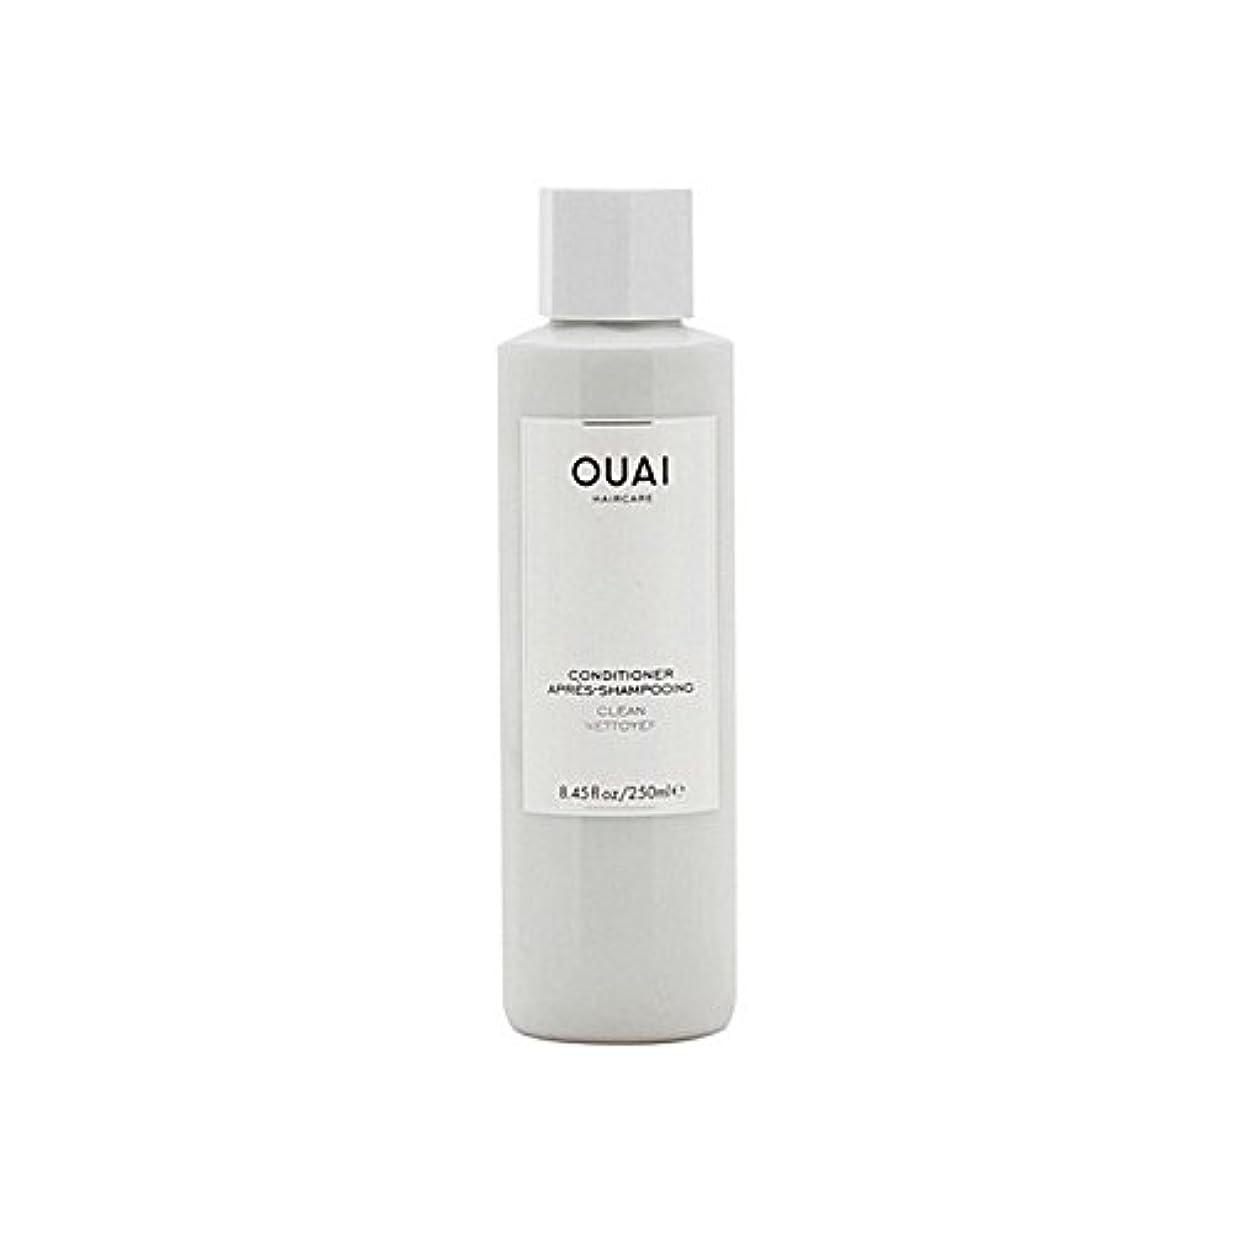 露骨な灰熟読するクリーンコンディショナー300ミリリットル x4 - Ouai Clean Conditioner 300ml (Pack of 4) [並行輸入品]